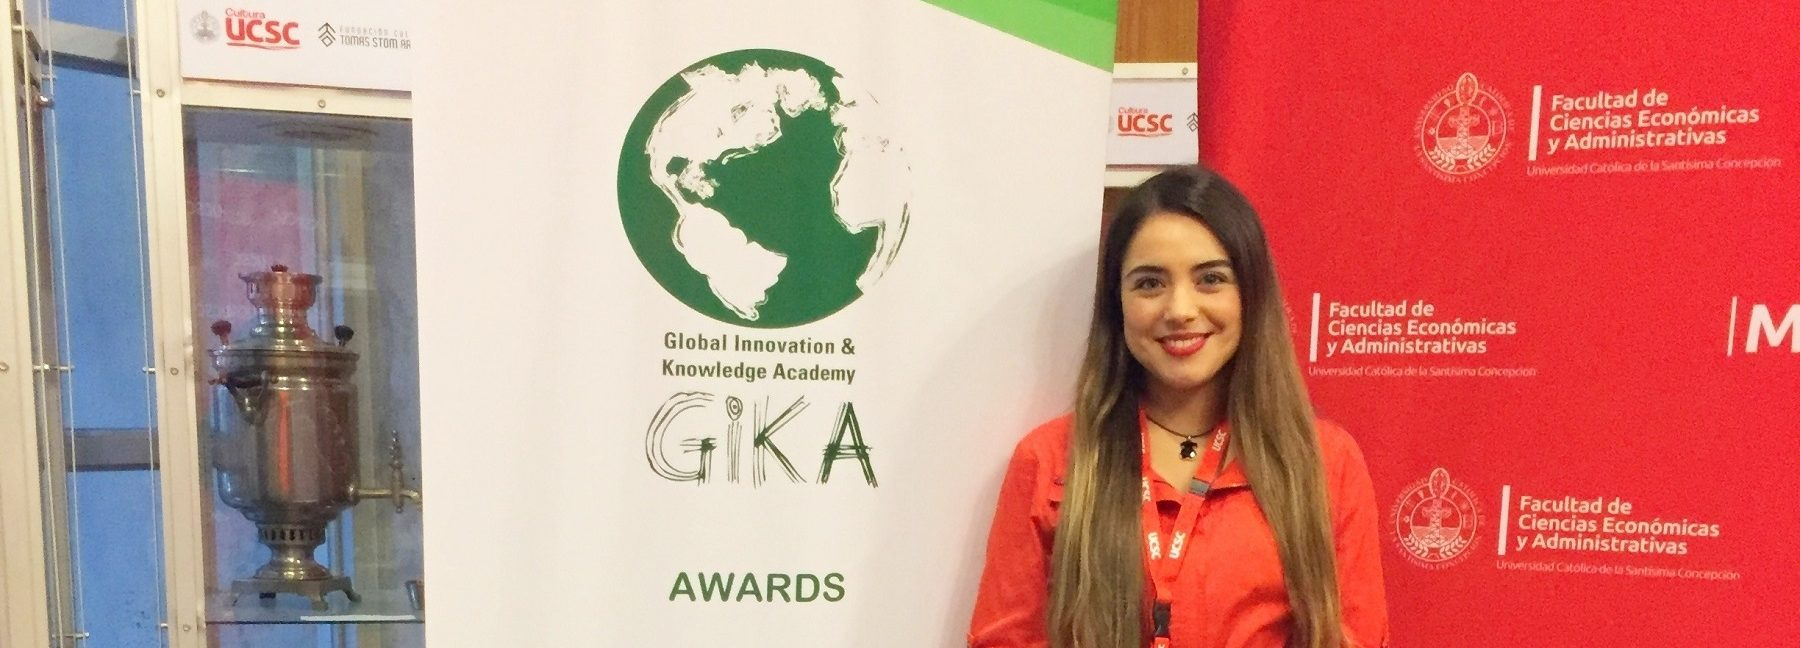 Académica UBB expuso en conferencia global sobre conocimiento de la innovación